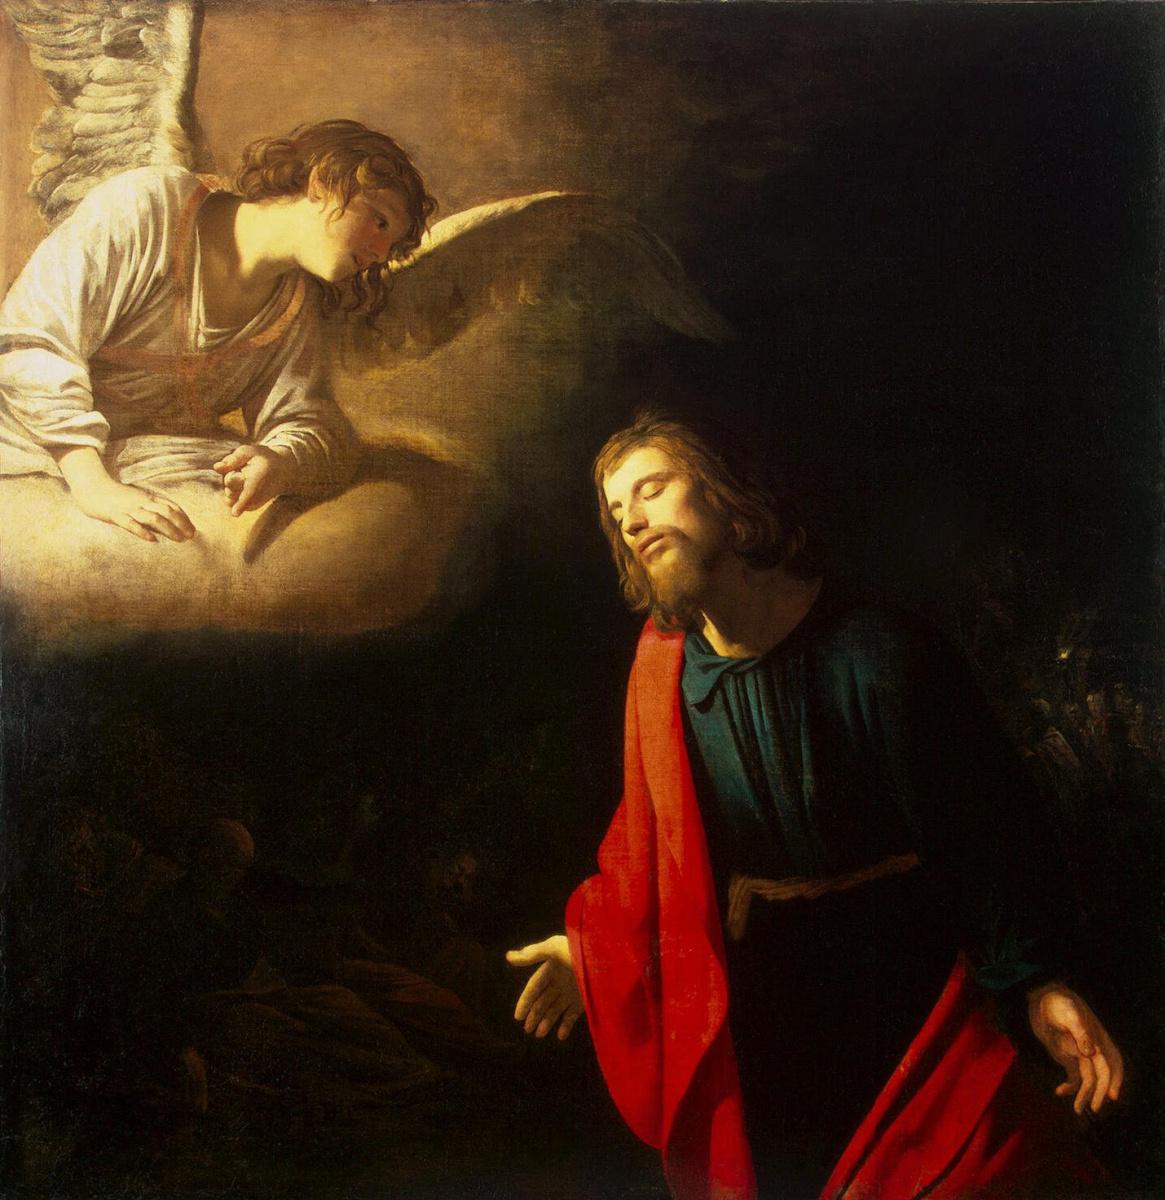 Геррит ван Хонтхорст. Христос в Гефсиманском саду